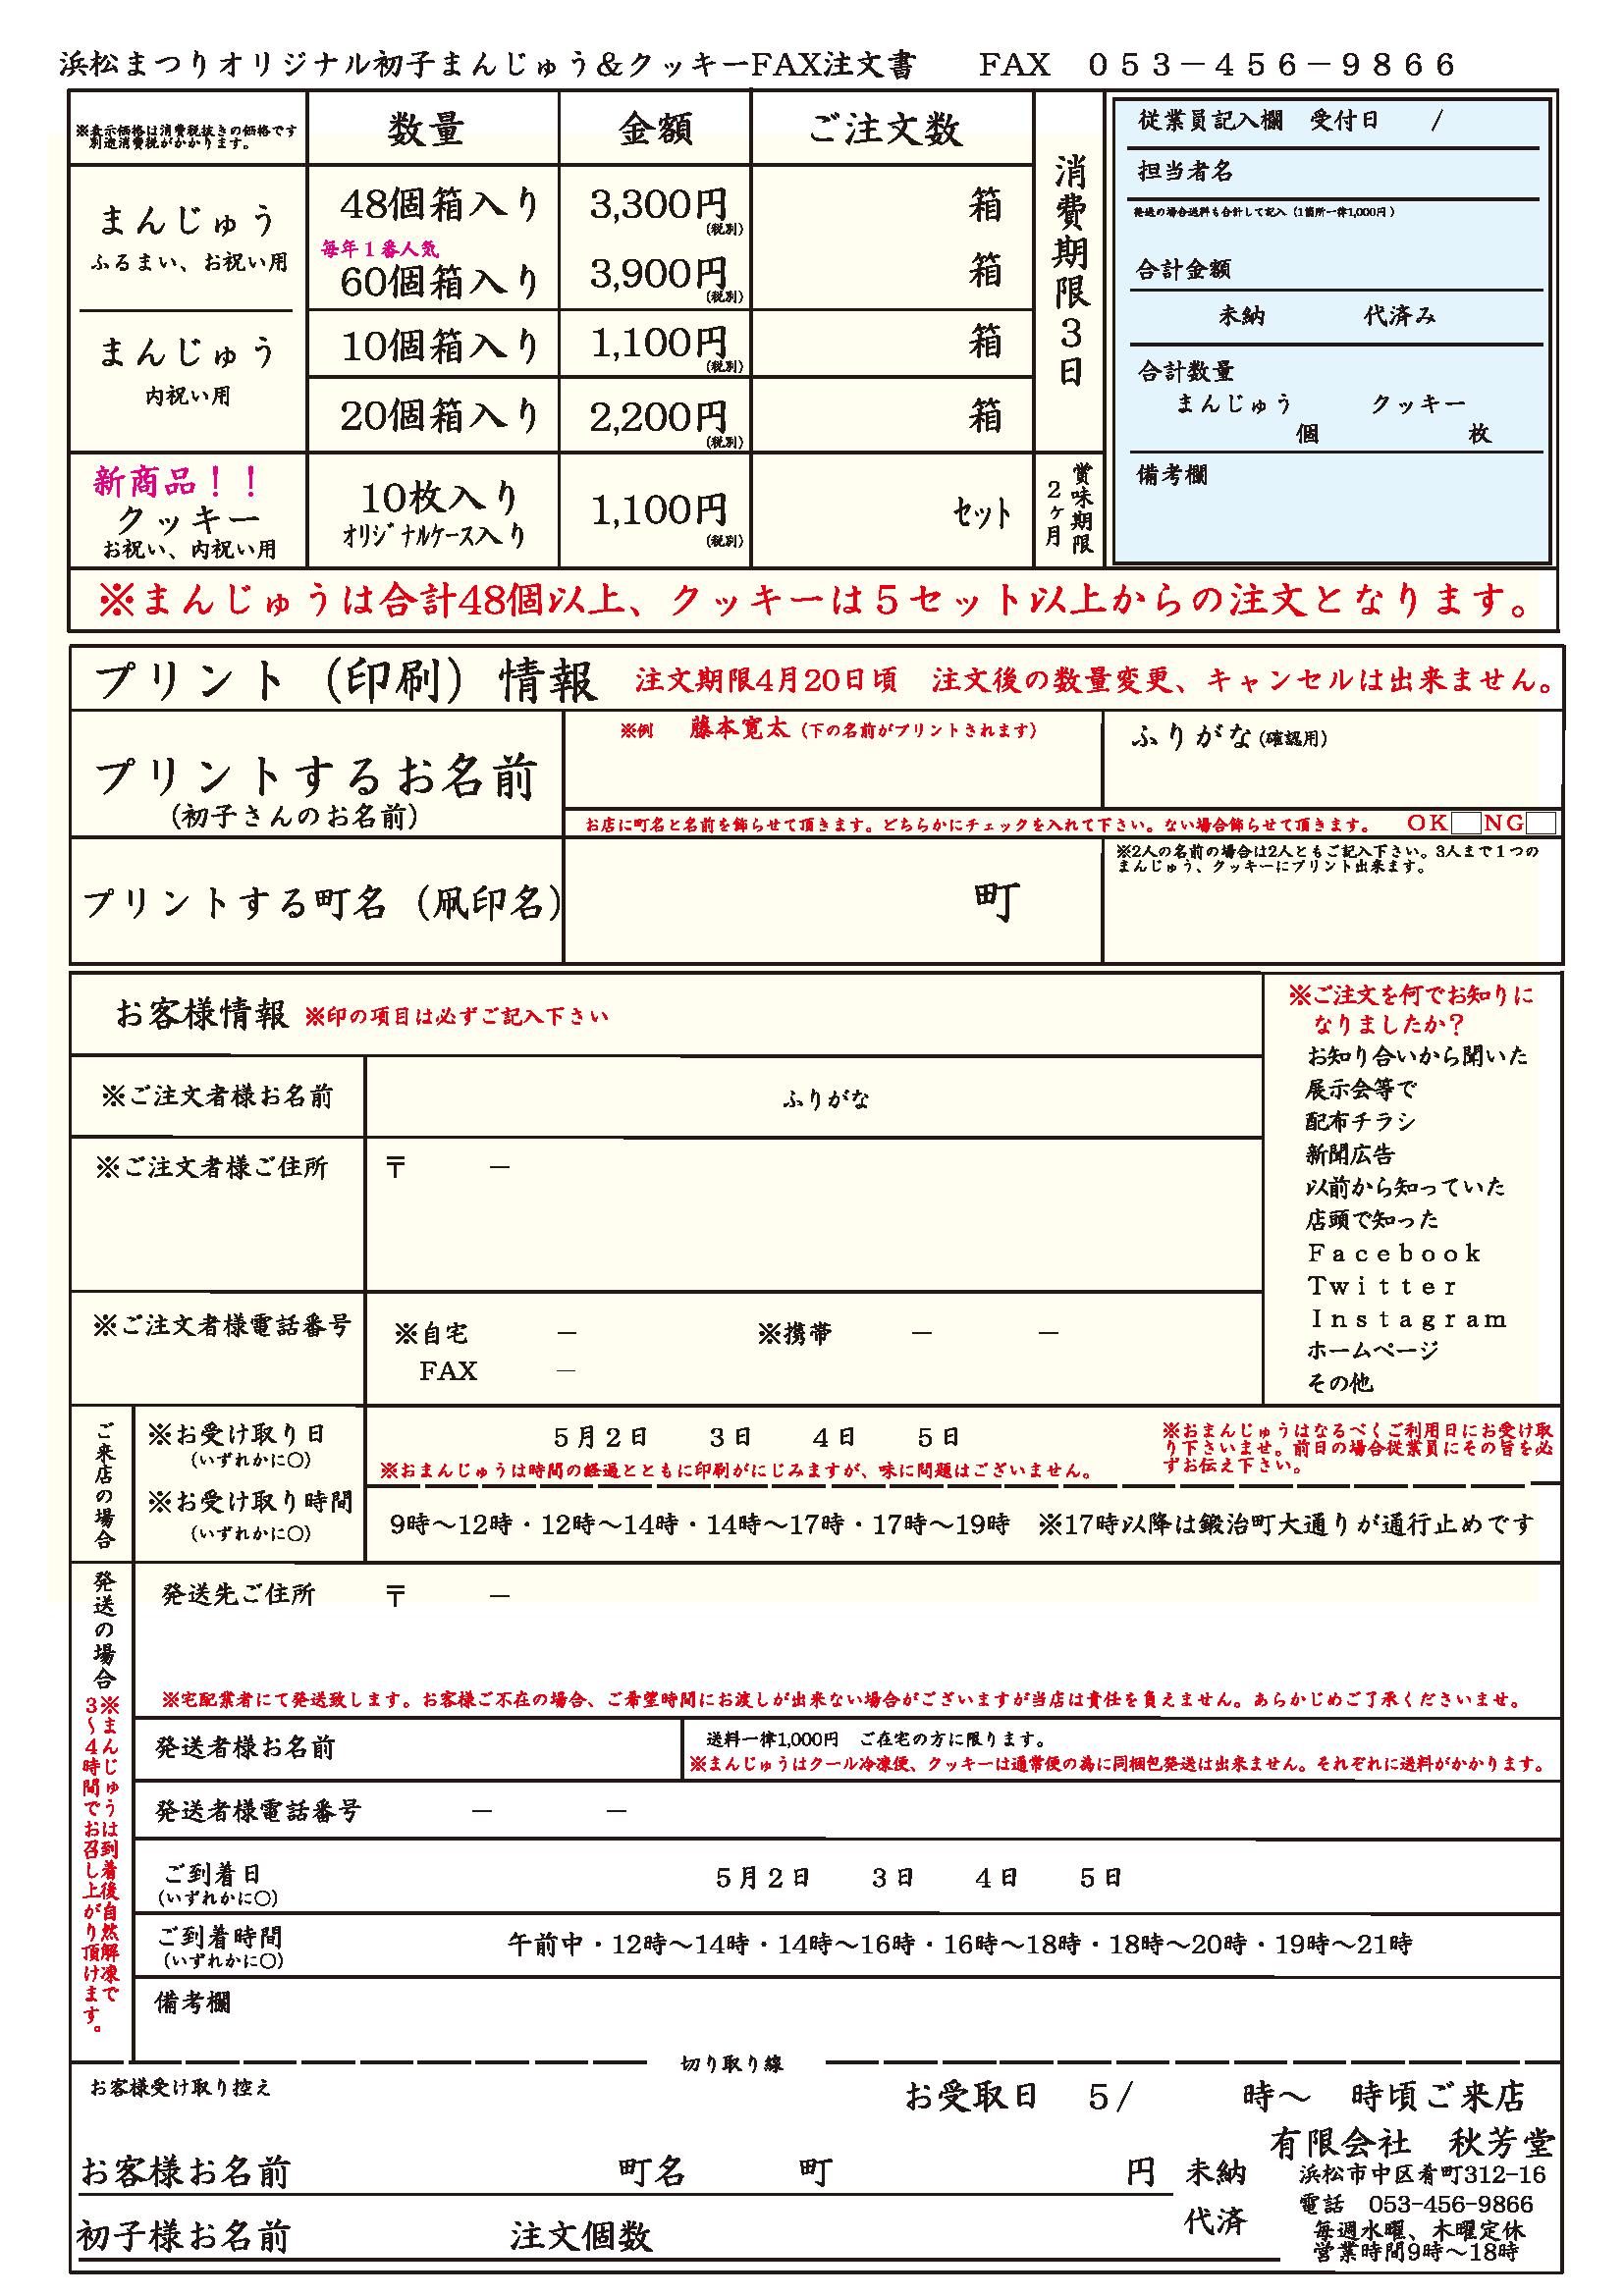 まつりFAX専用チラシ2019.png